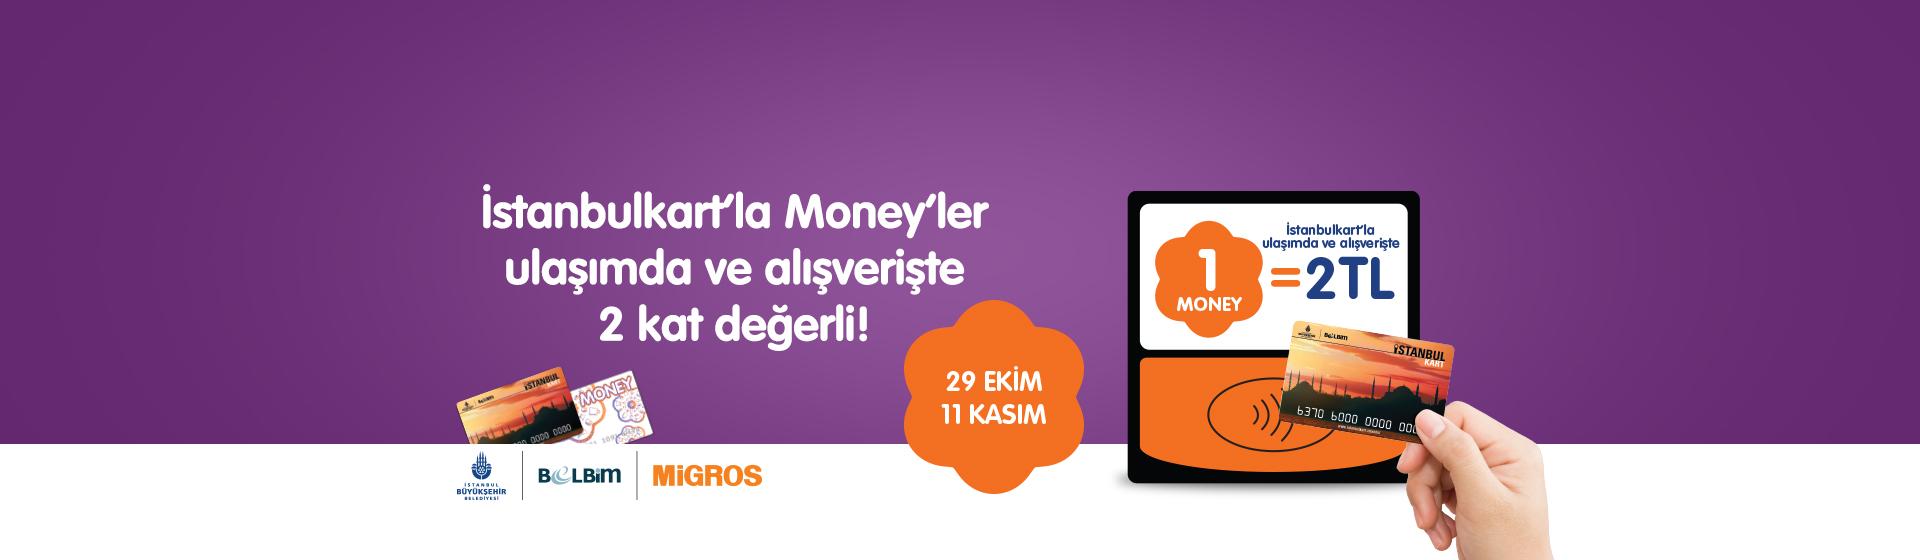 İstanbulkart 2 Kat Money Kampanyası